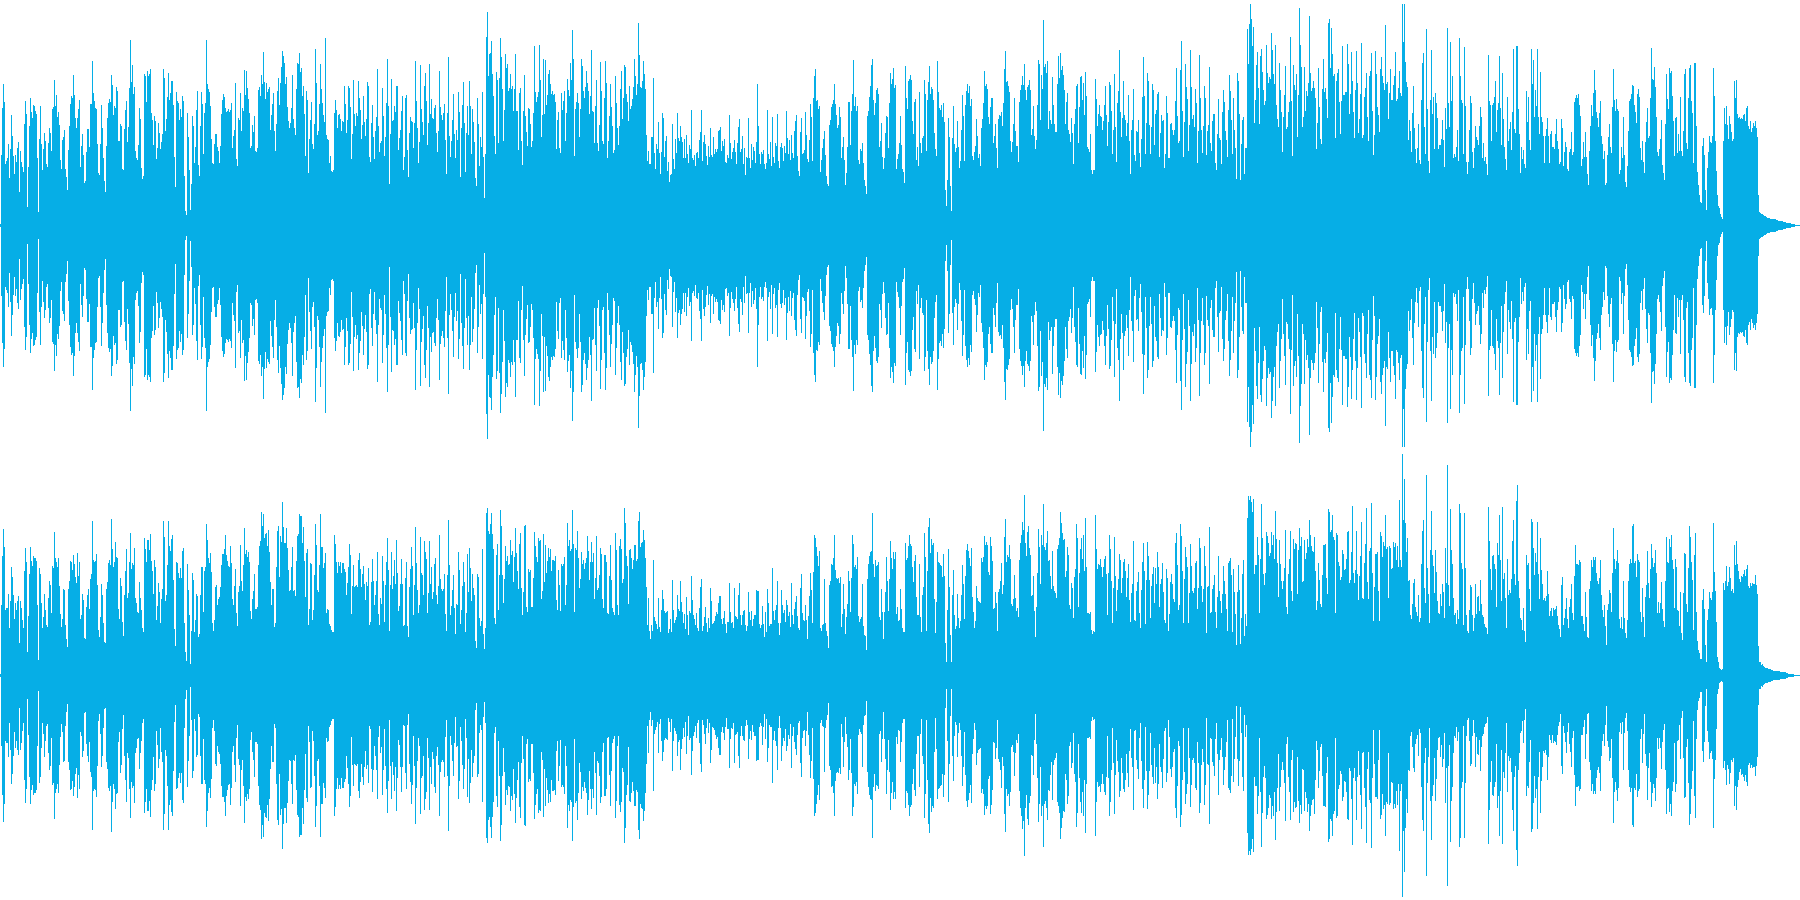 ほのぼの 日常 アコーディオン 映像用の再生済みの波形